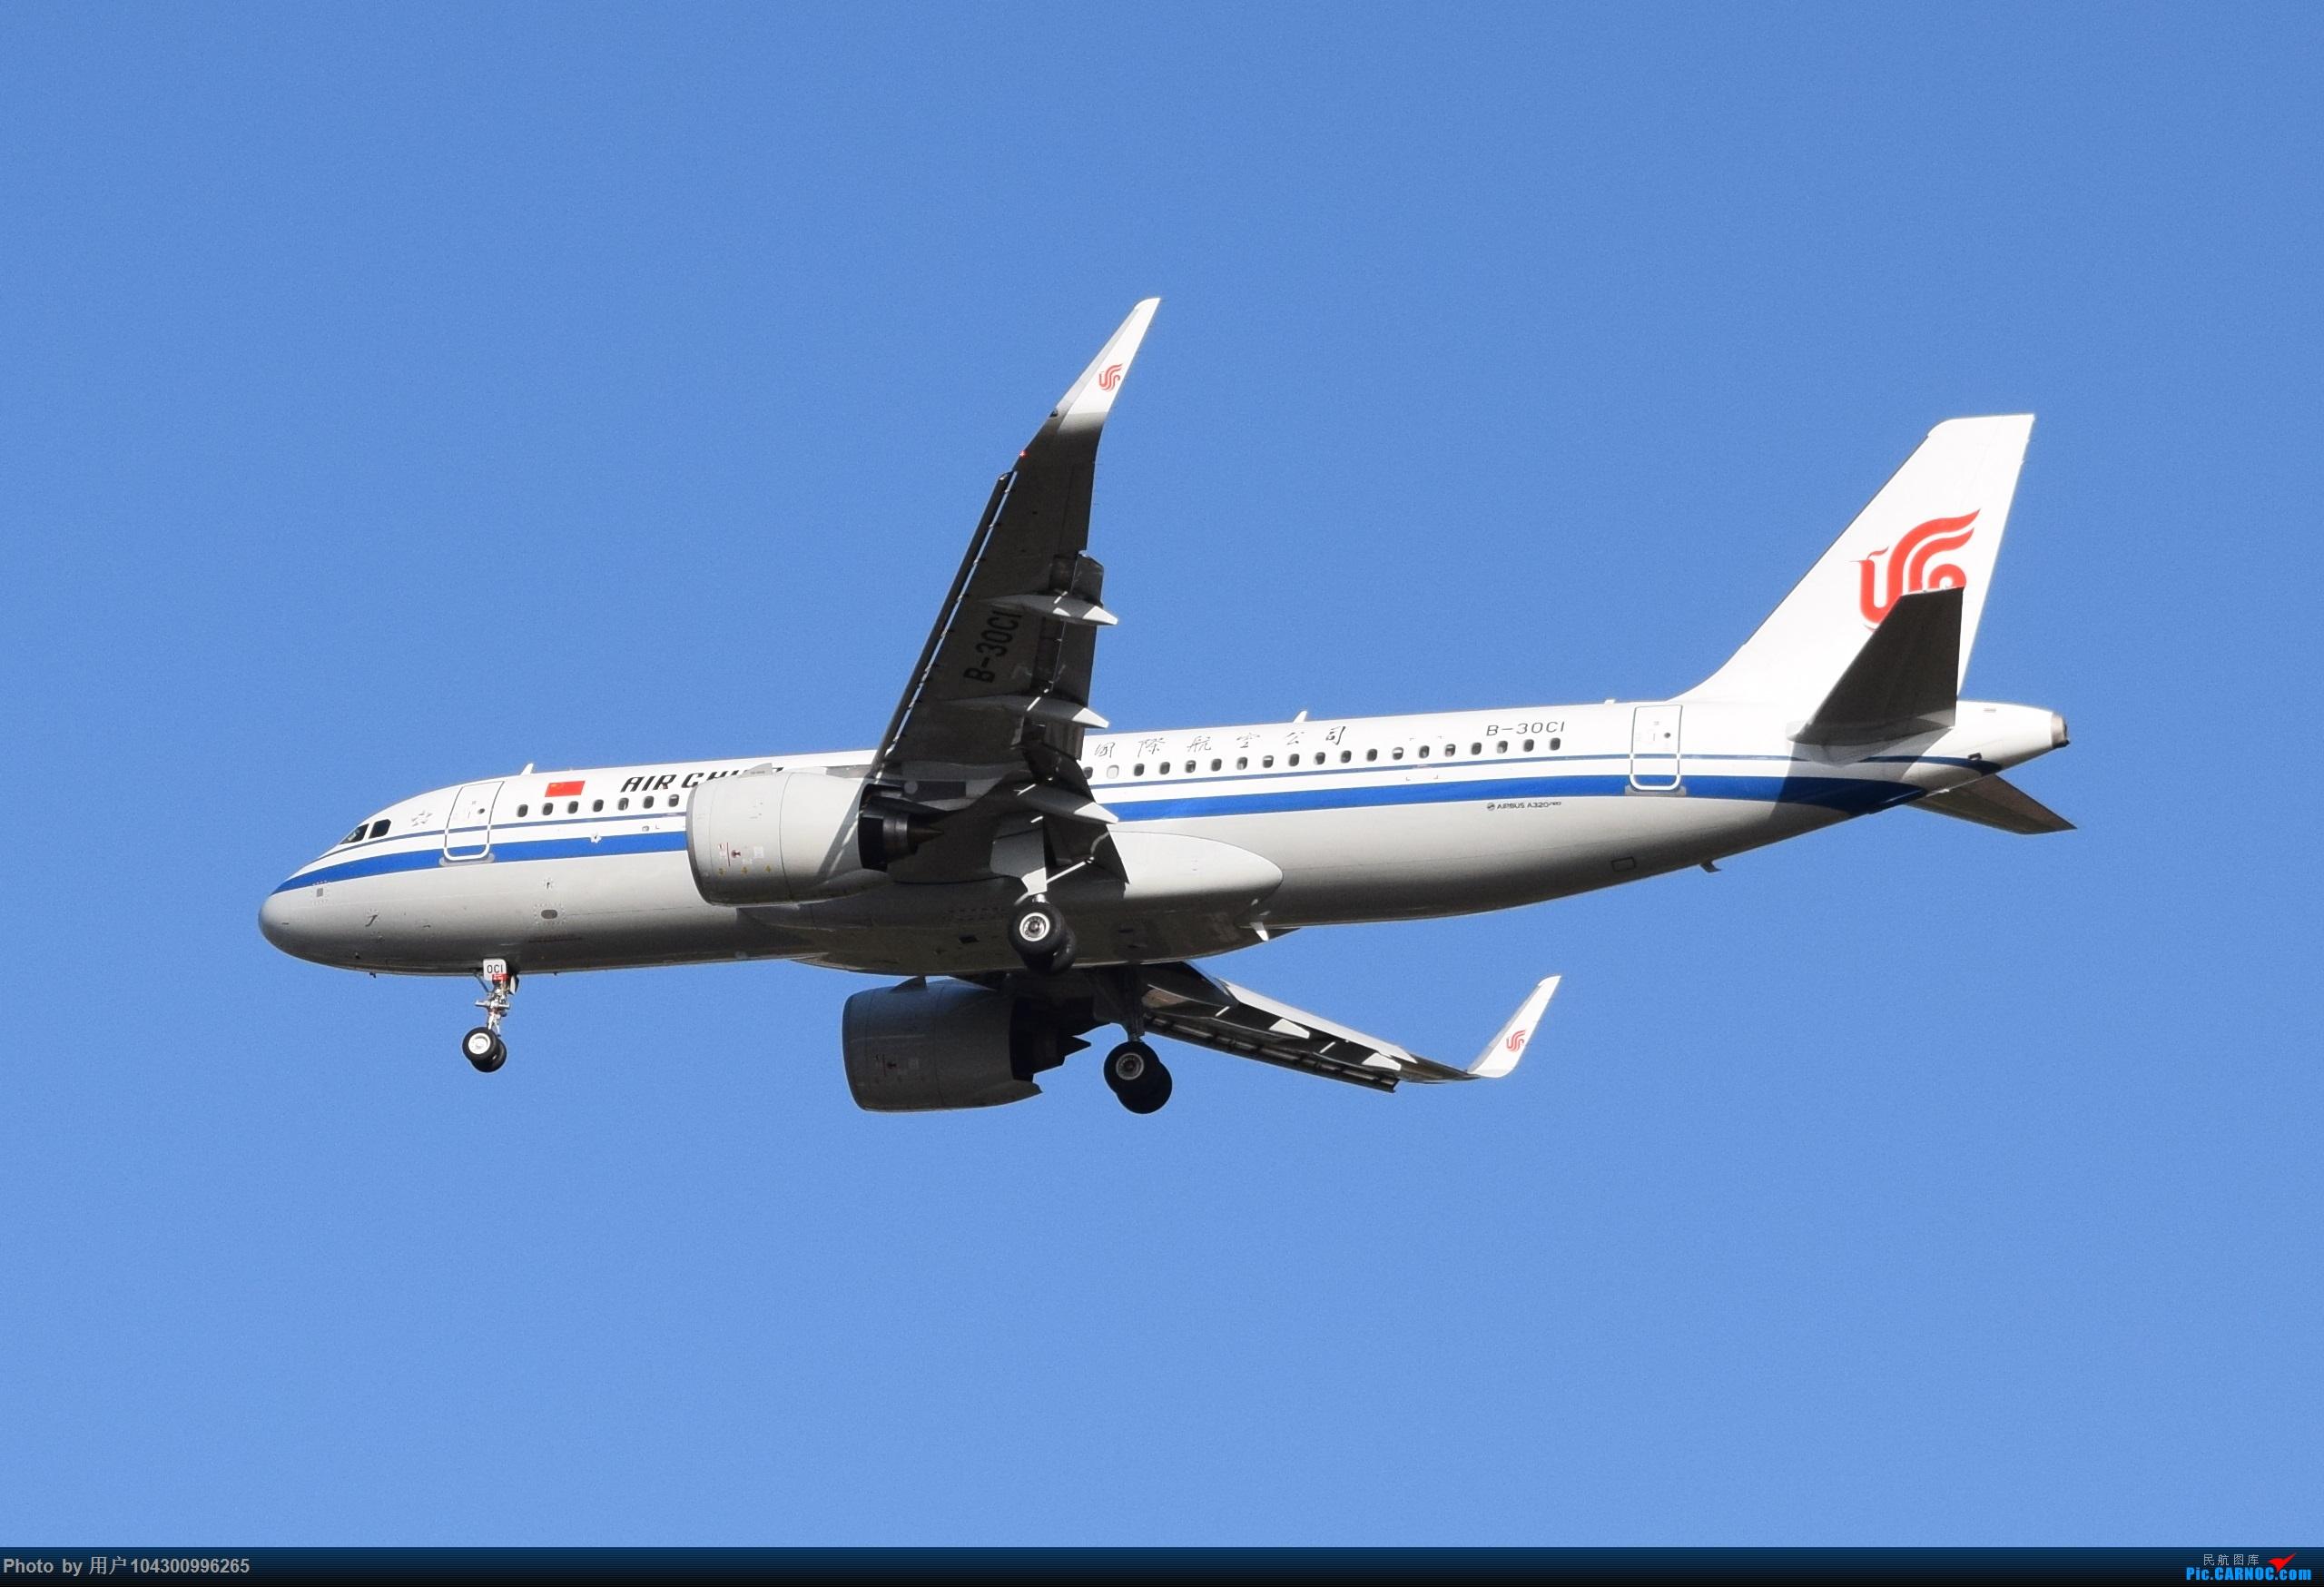 Re:[原创][KWE]贵阳今天天气不错,随便拍几张! AIRBUS A320NEO B-30CI 中国贵阳龙洞堡国际机场